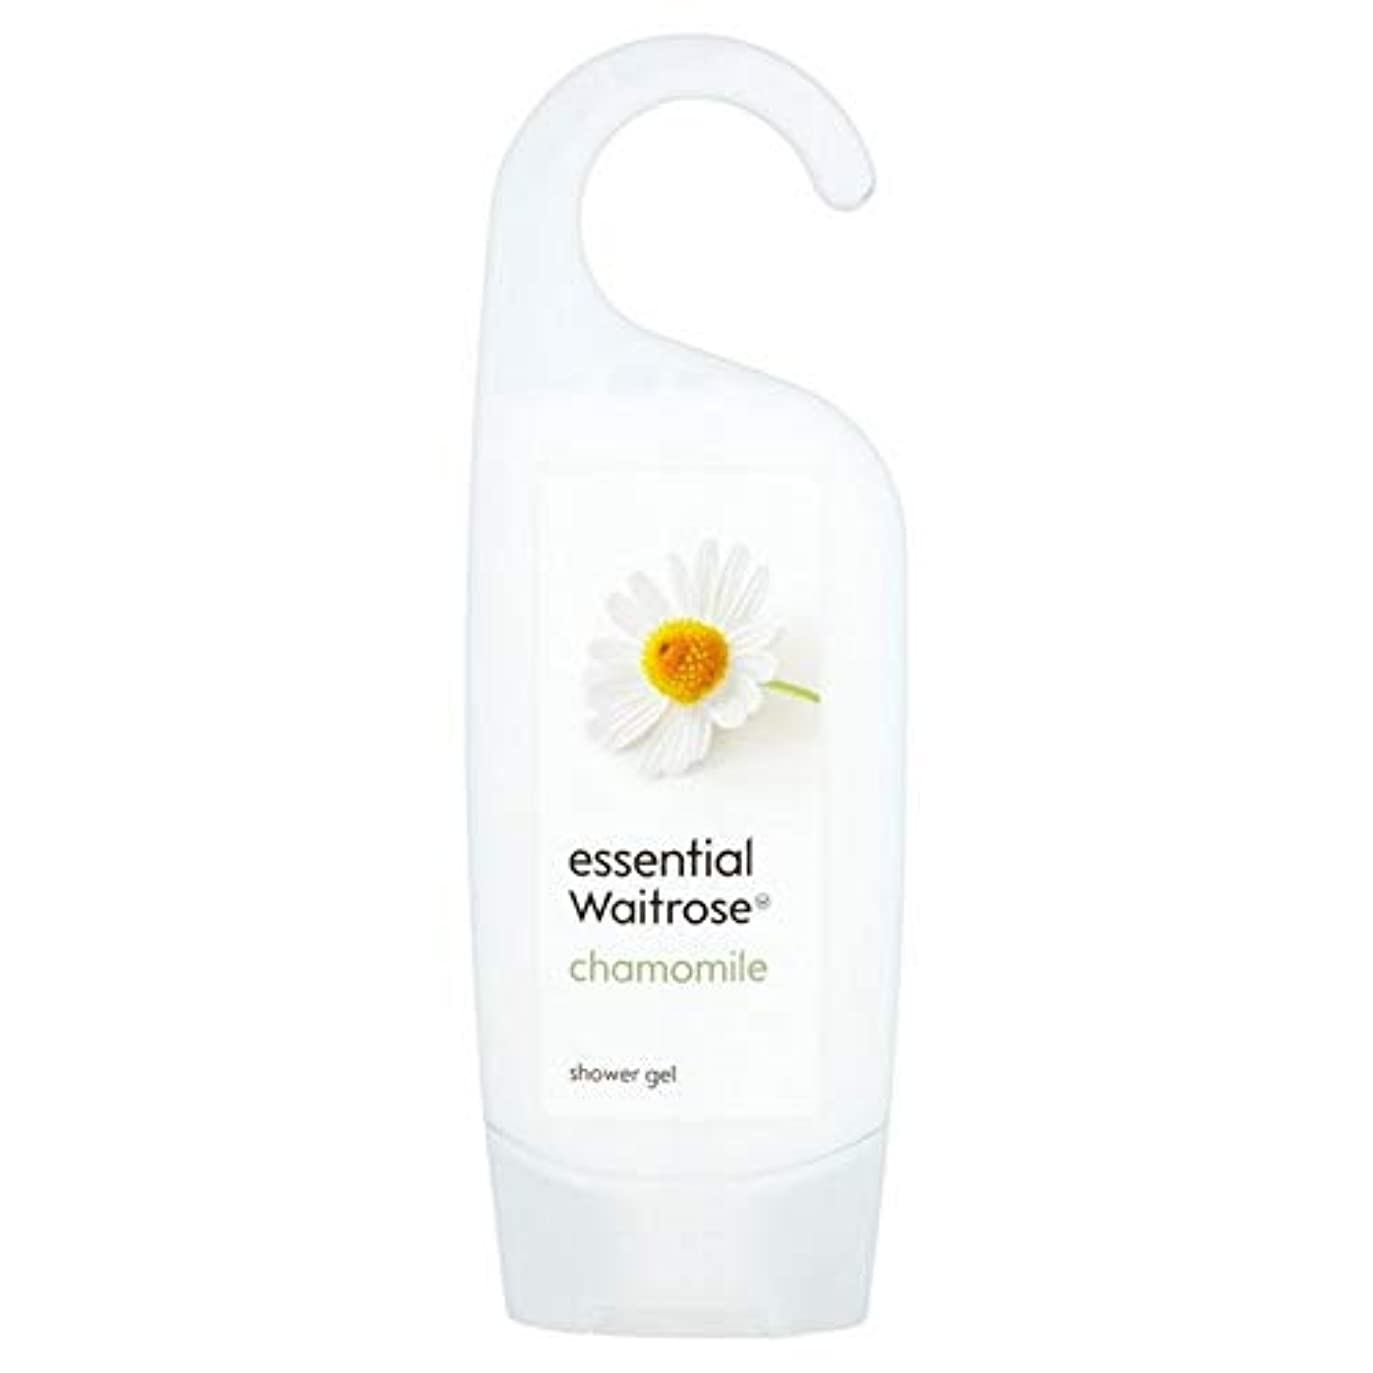 いらいらさせる生理脈拍[Waitrose ] 基本的なウェイトローズカモミールシャワージェル250ミリリットル - Essential Waitrose Chamomile Shower Gel 250ml [並行輸入品]